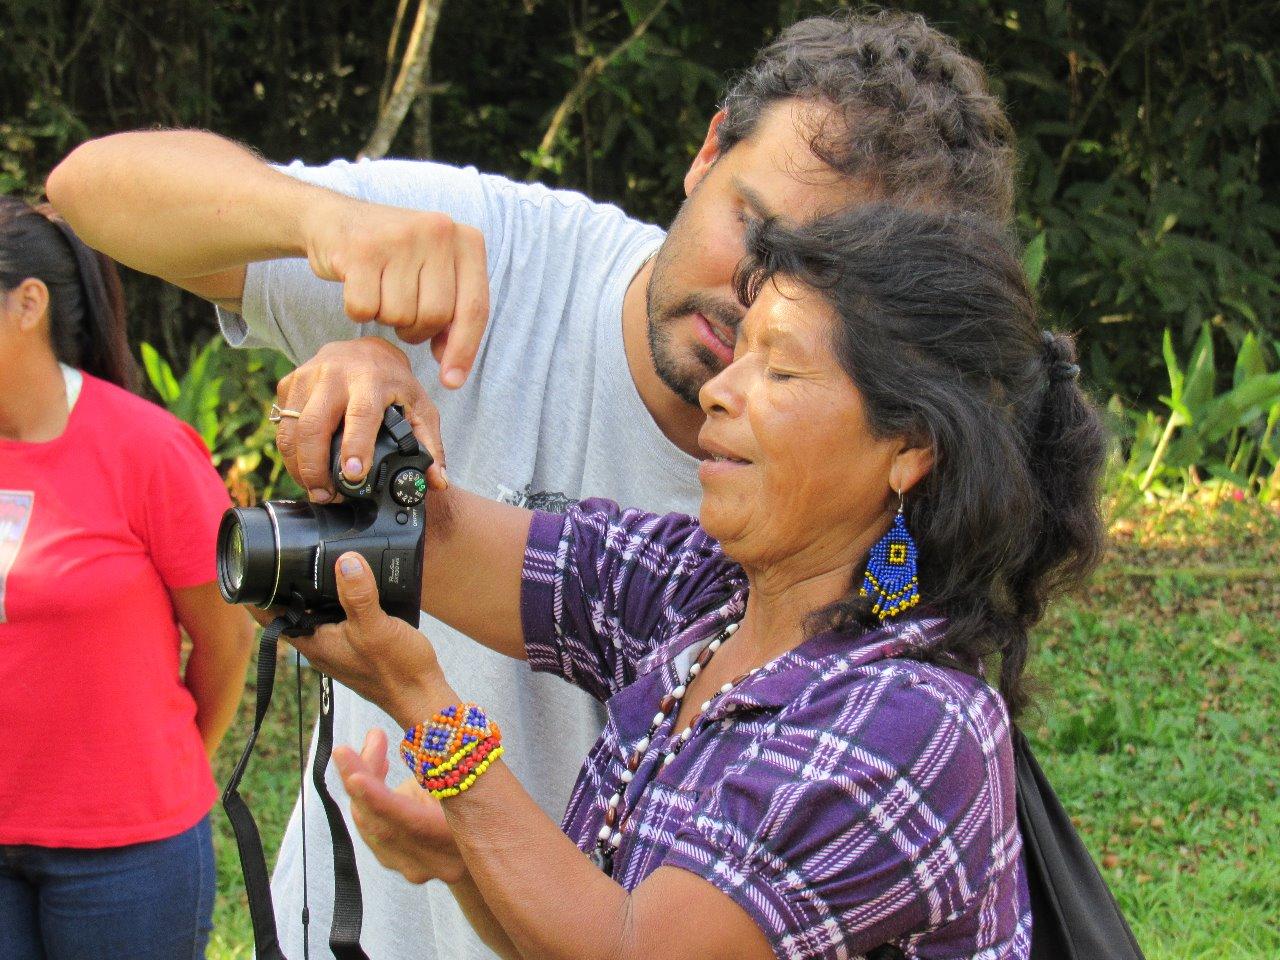 INDÍGENAS DE ALDEIAS VIZINHAS ÀS OBRAS DO CONTORNO PARTICIPAM DE OFICINA DE FOTOGRAFIA E VÍDEO